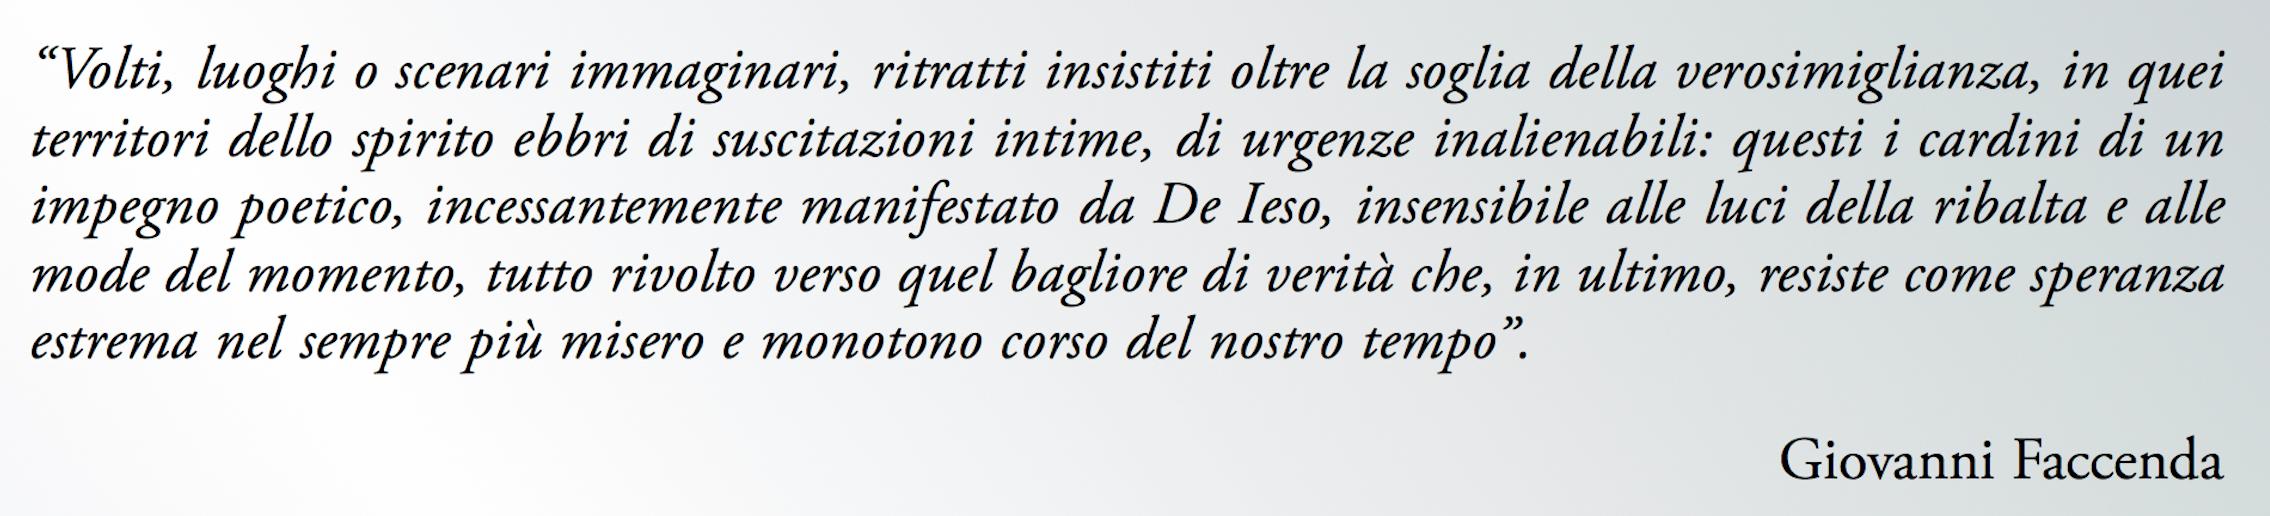 Giovanni Facenda